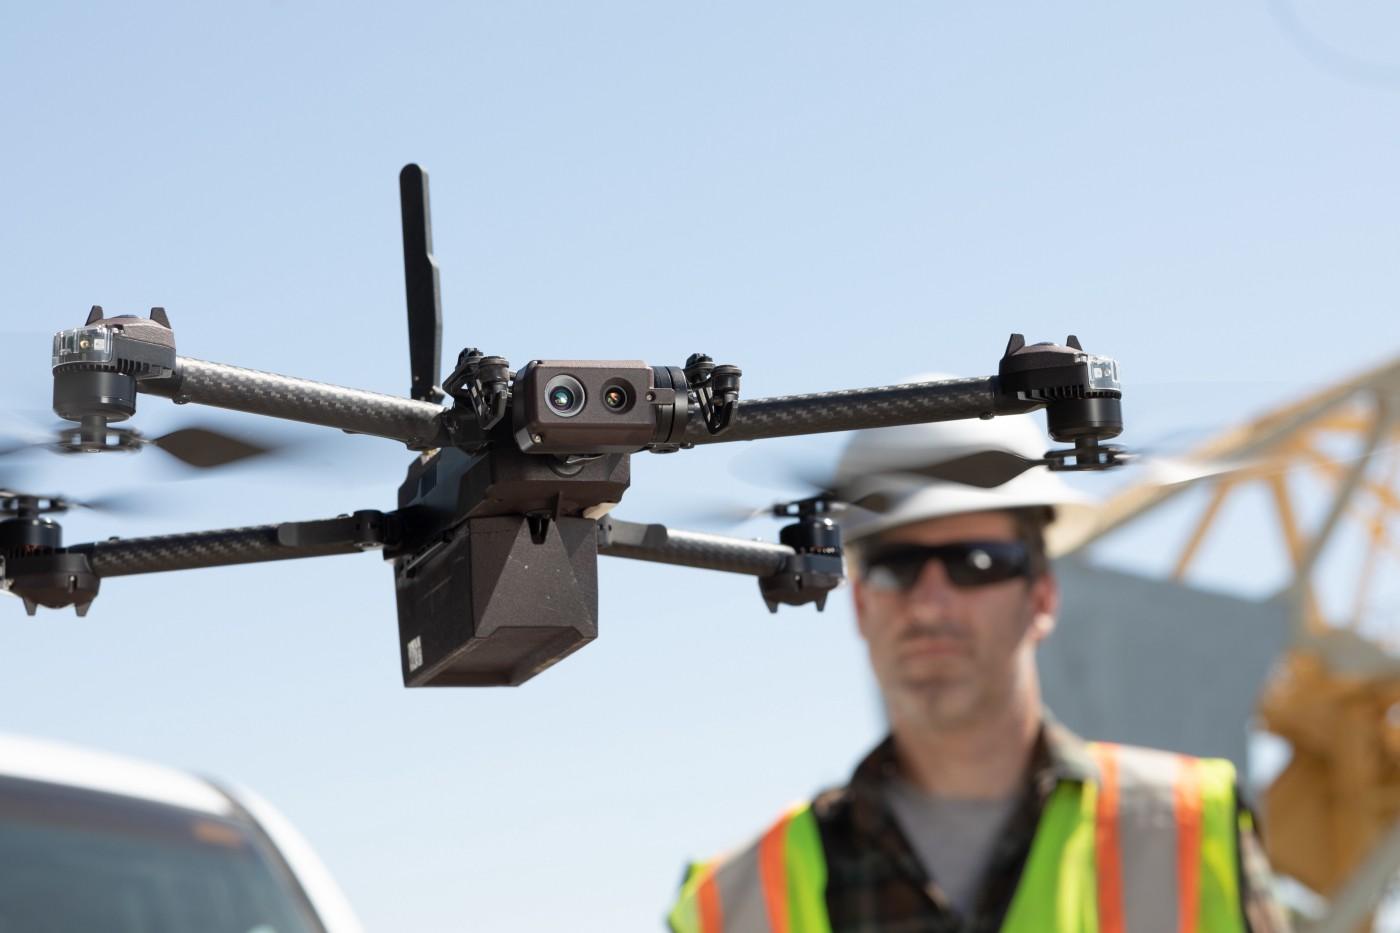 Skydio X2 Autonomous Drone Prototype